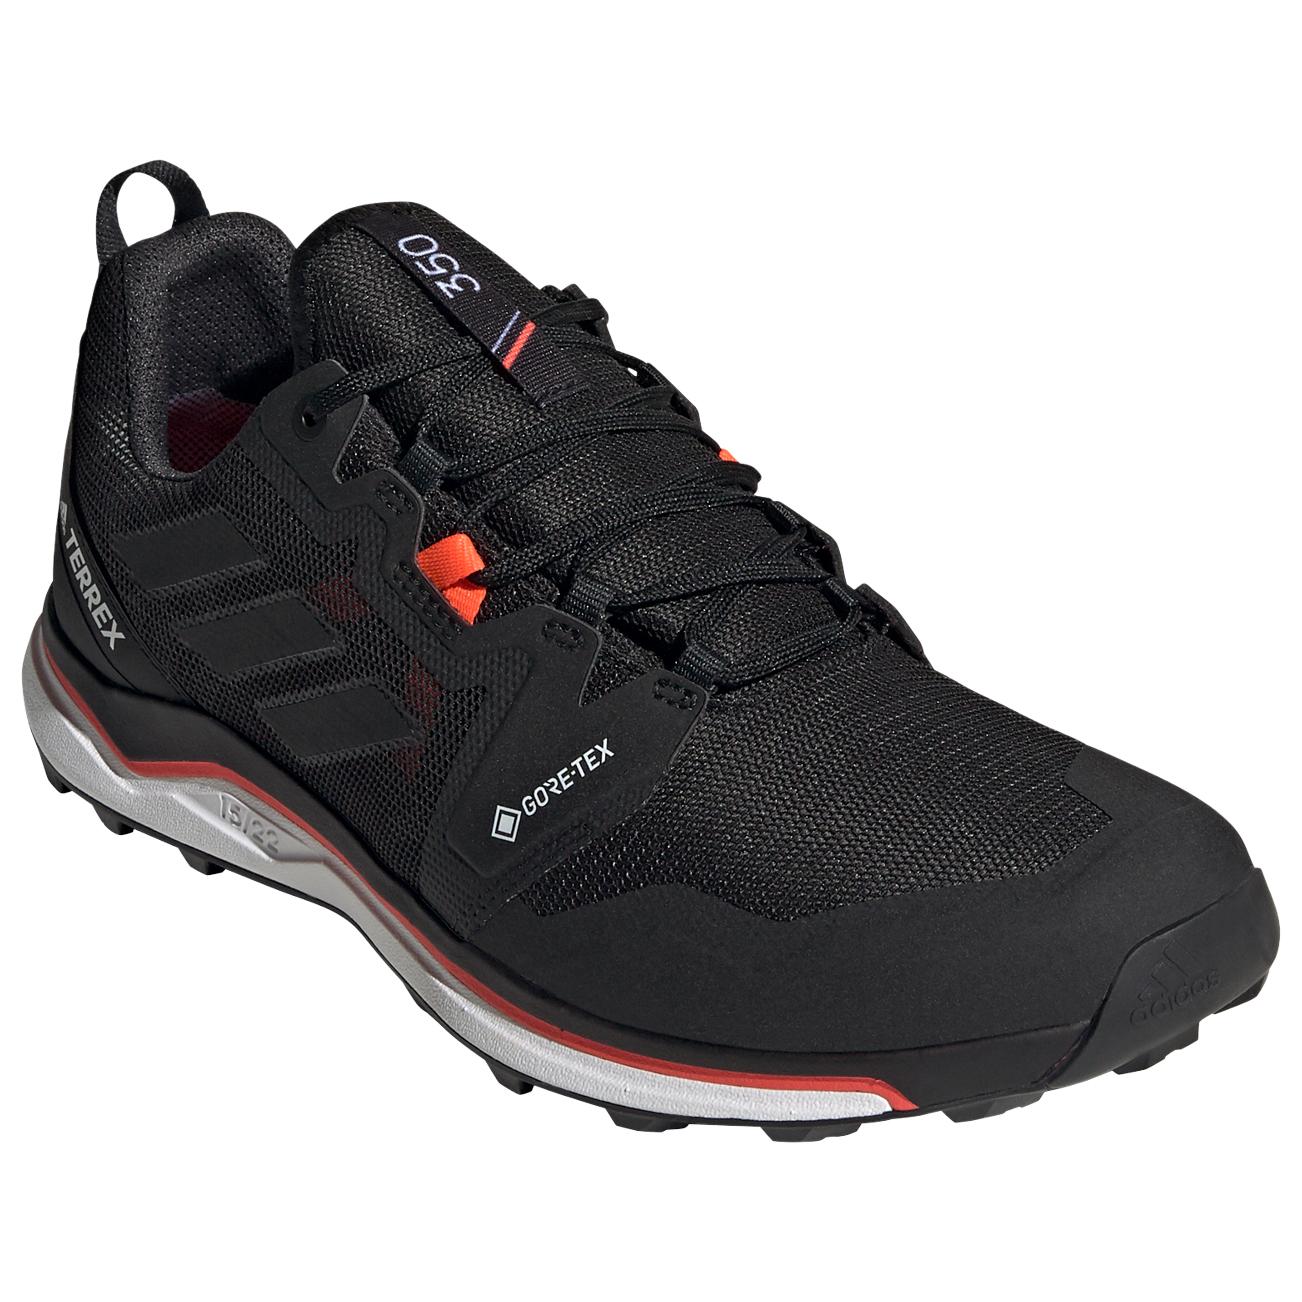 purchase cheap fa258 4b1c7 adidas - Terrex Agravic GTX - Scarpe per trail running ...